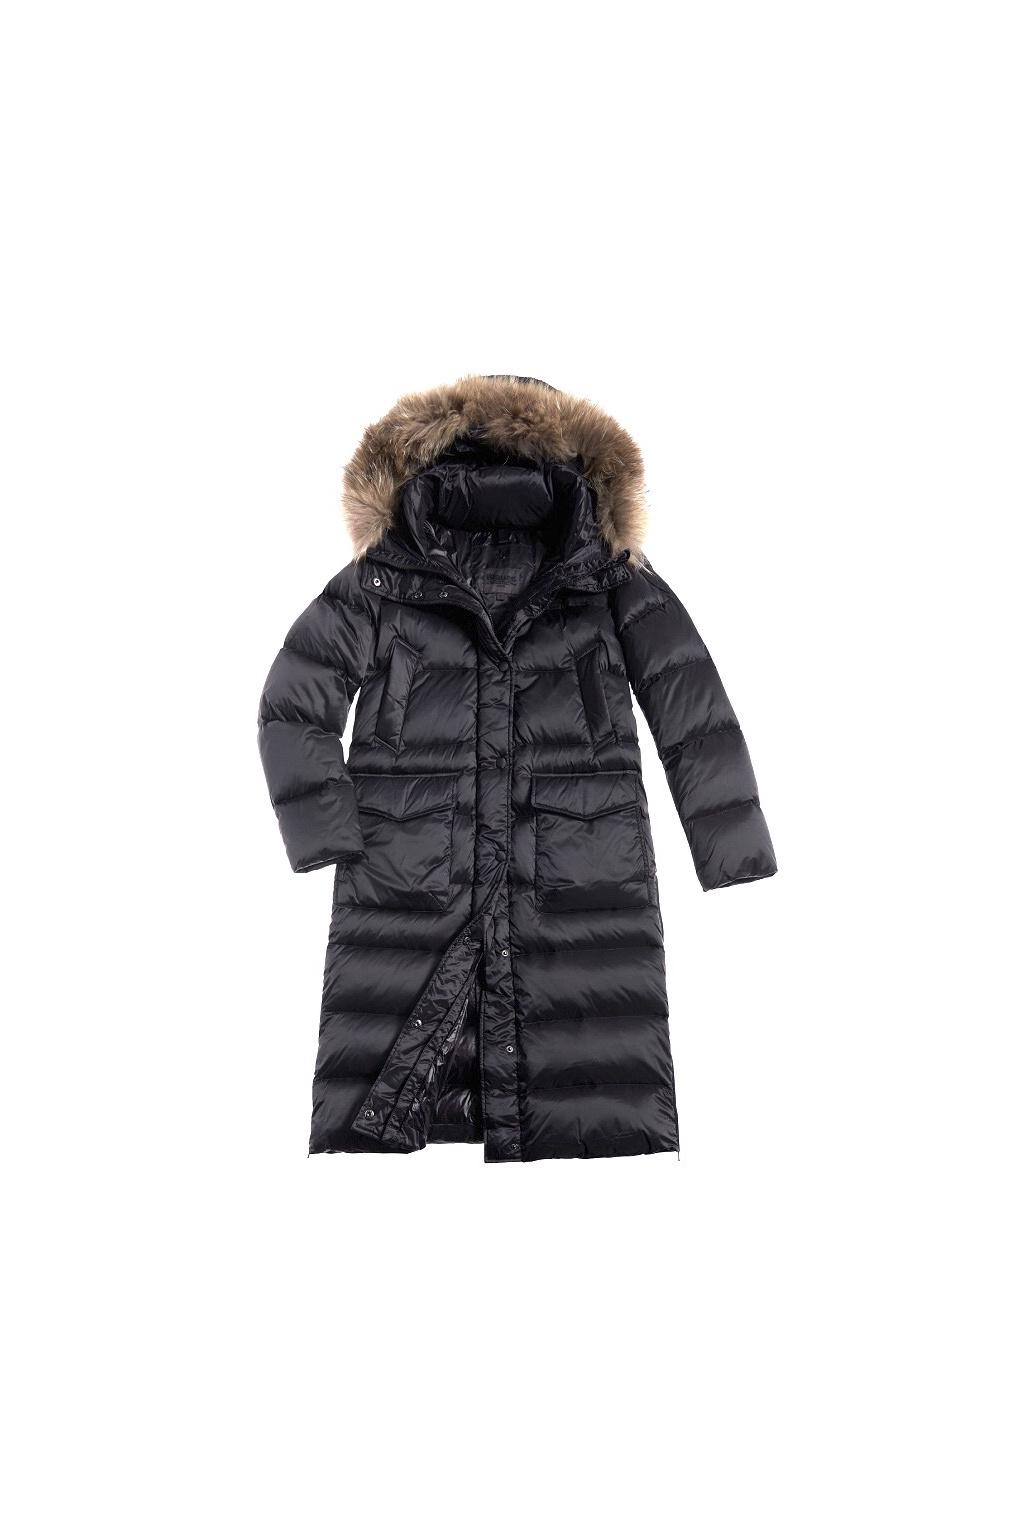 20WBLDK03151 Dámský péřový kabát Blauer černý